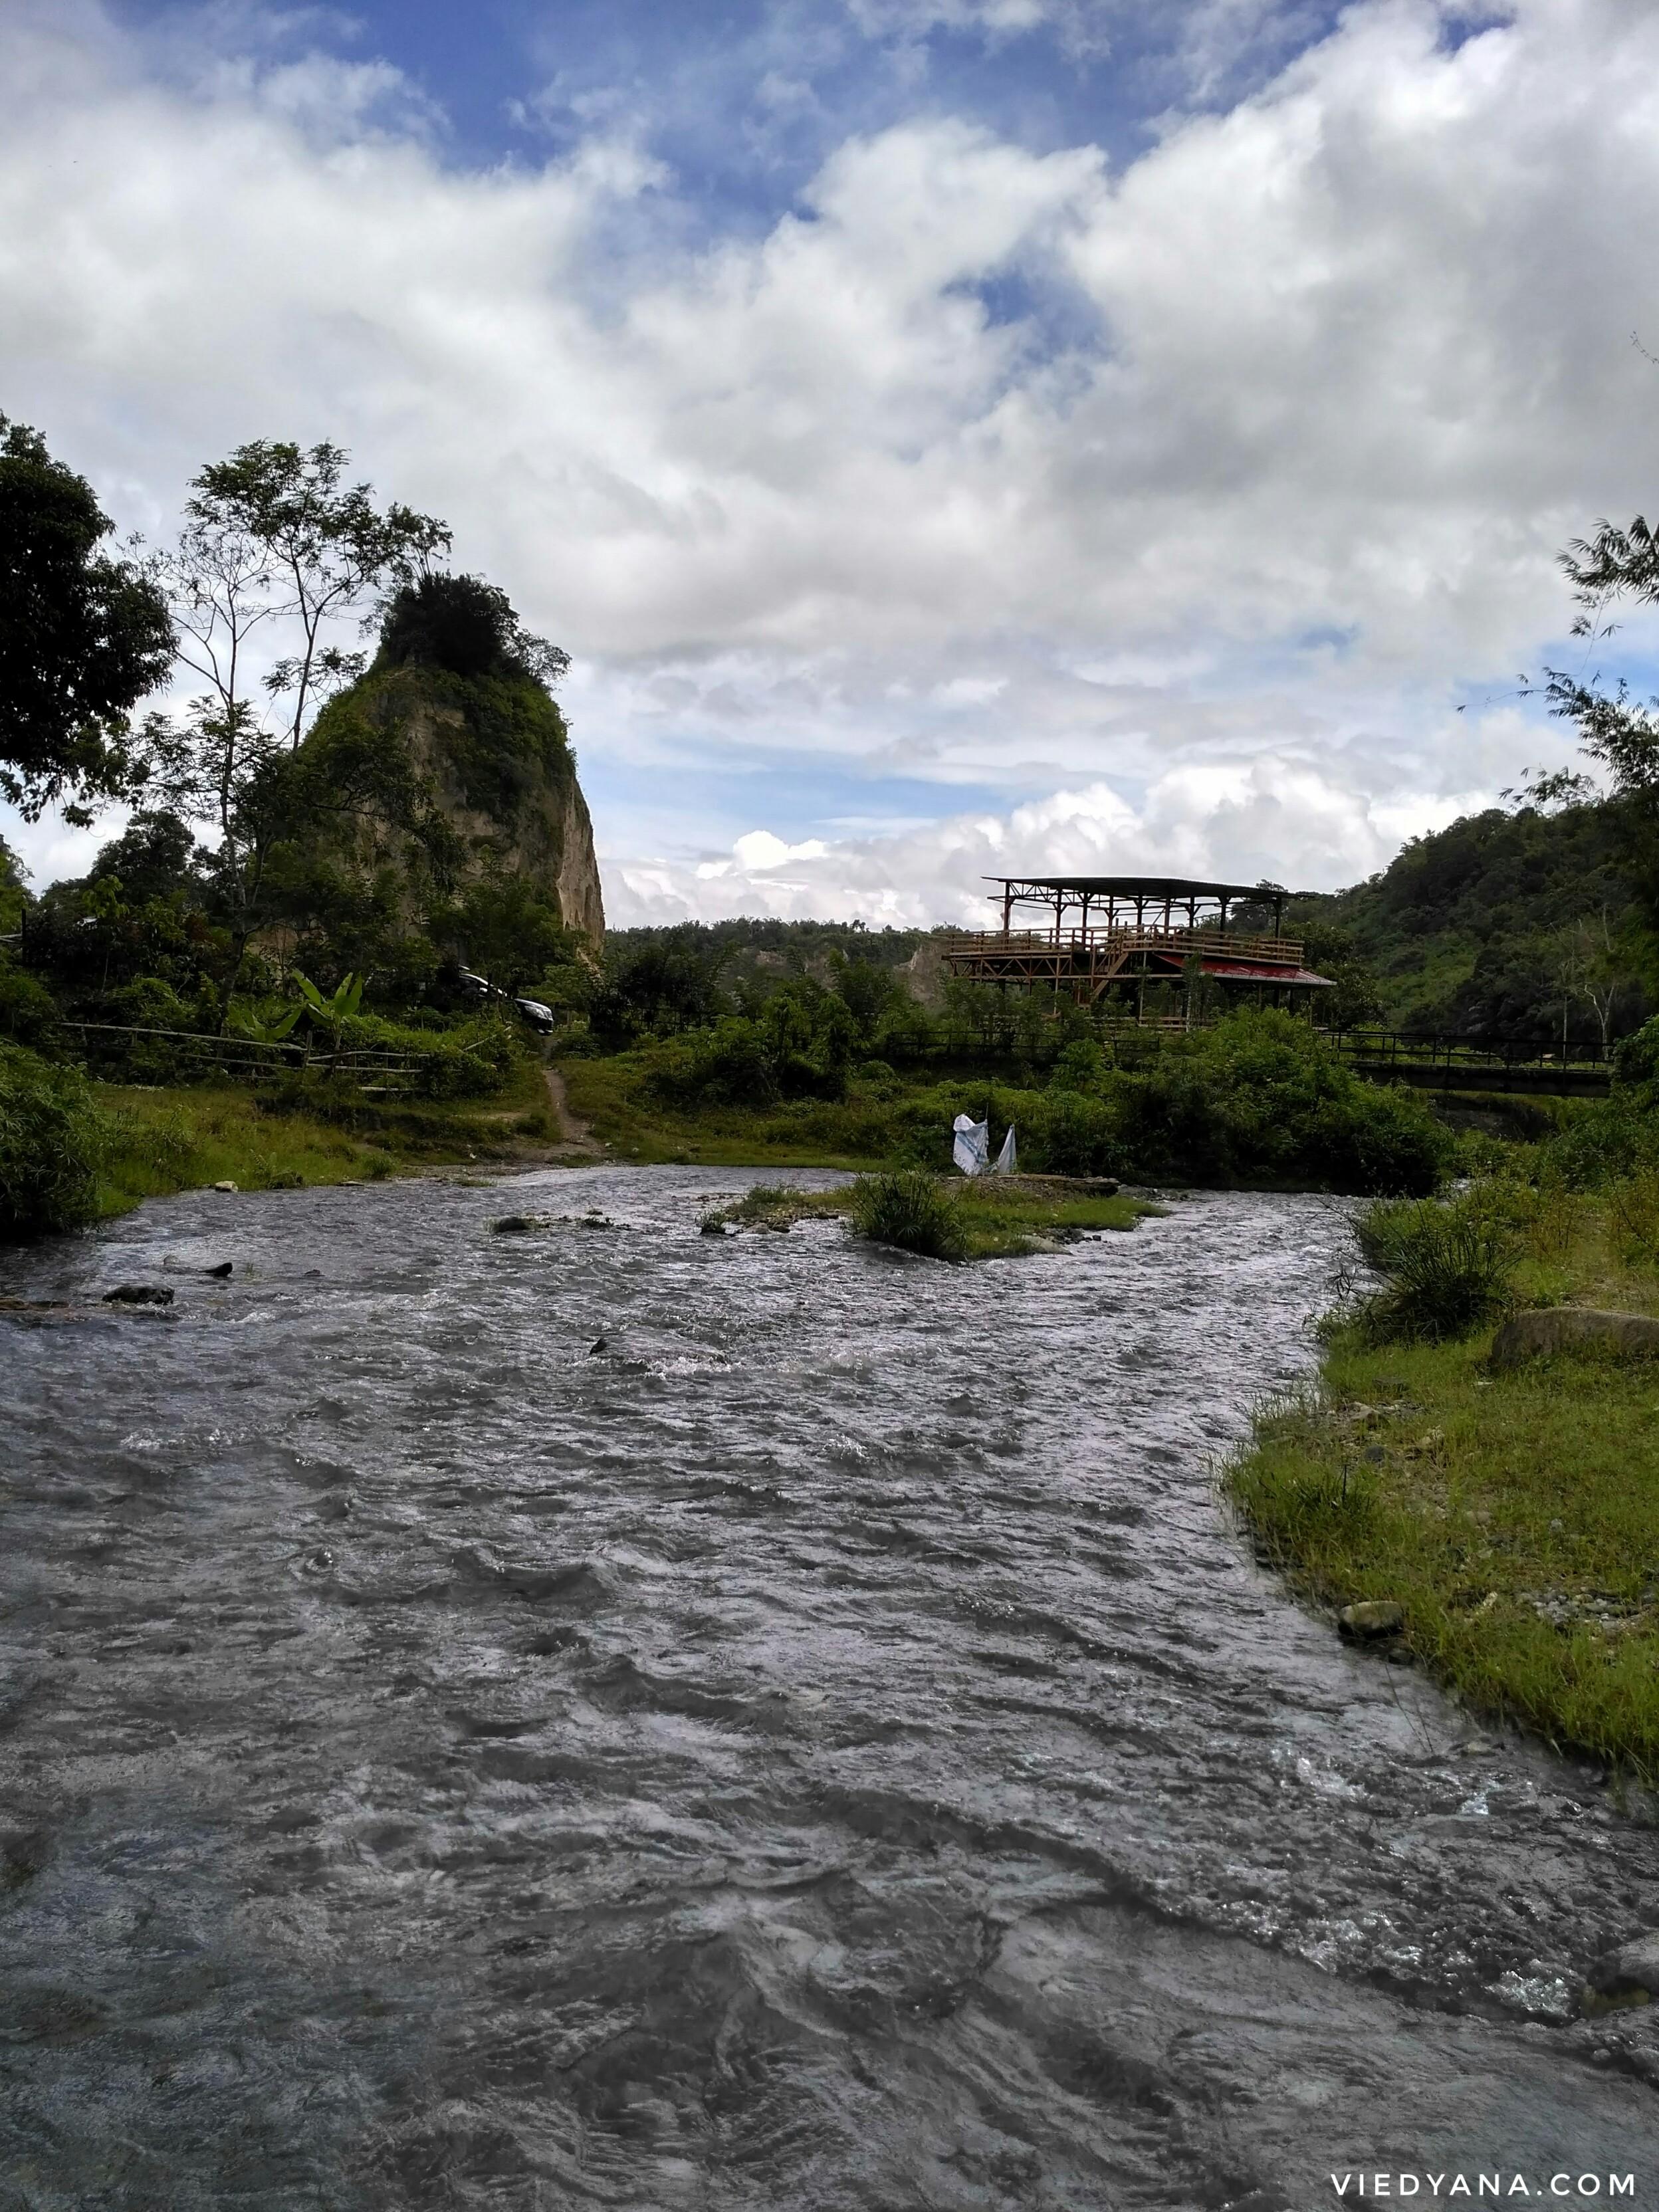 RoadTripMbokJastra#9: Tebing yang Terkurung